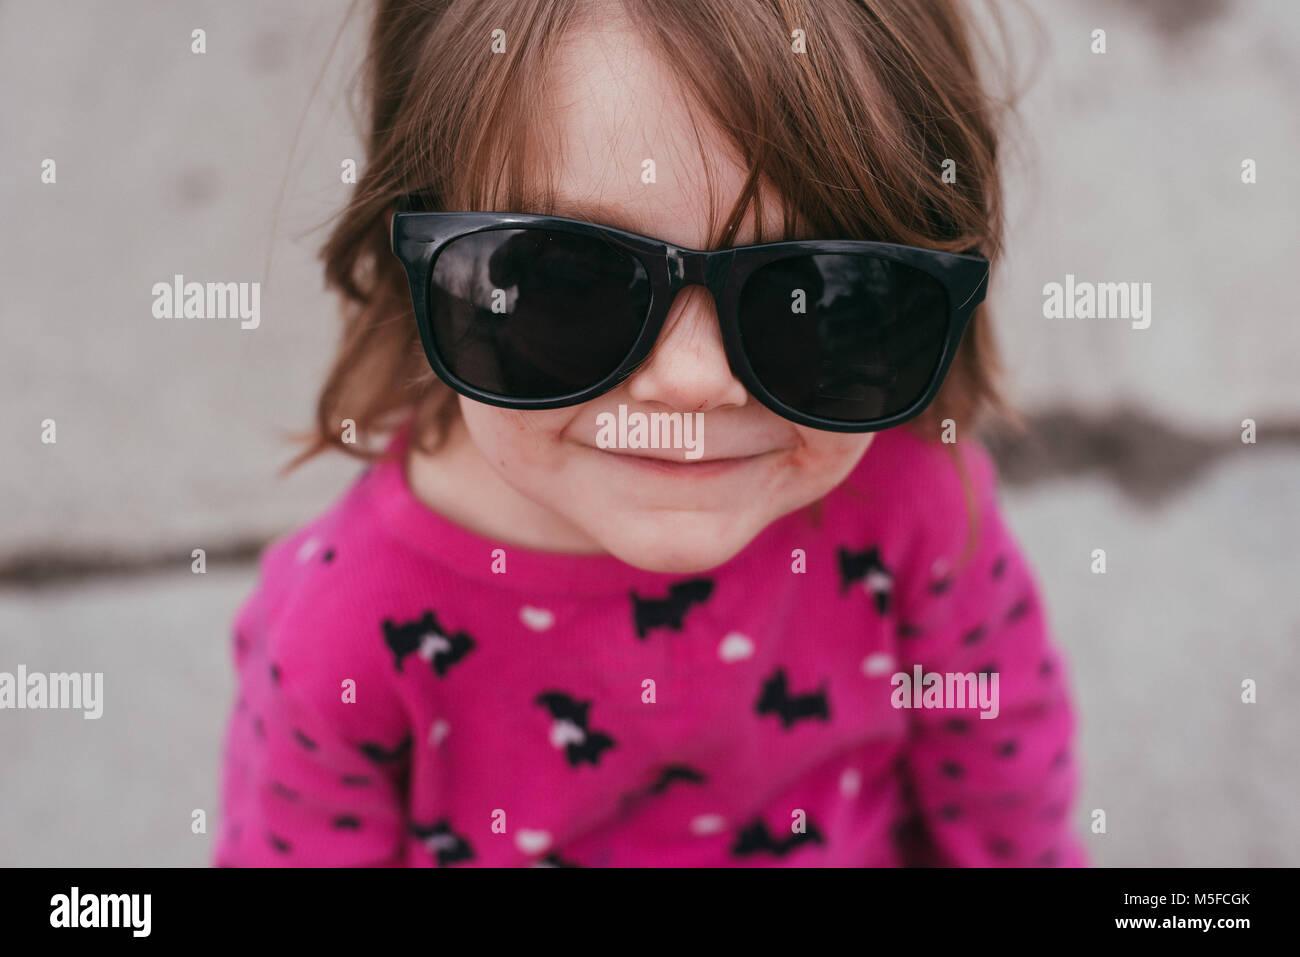 Un bébé fille portant un chandail rose et lunettes, debout sur un trottoir sur une journée chaude Photo Stock